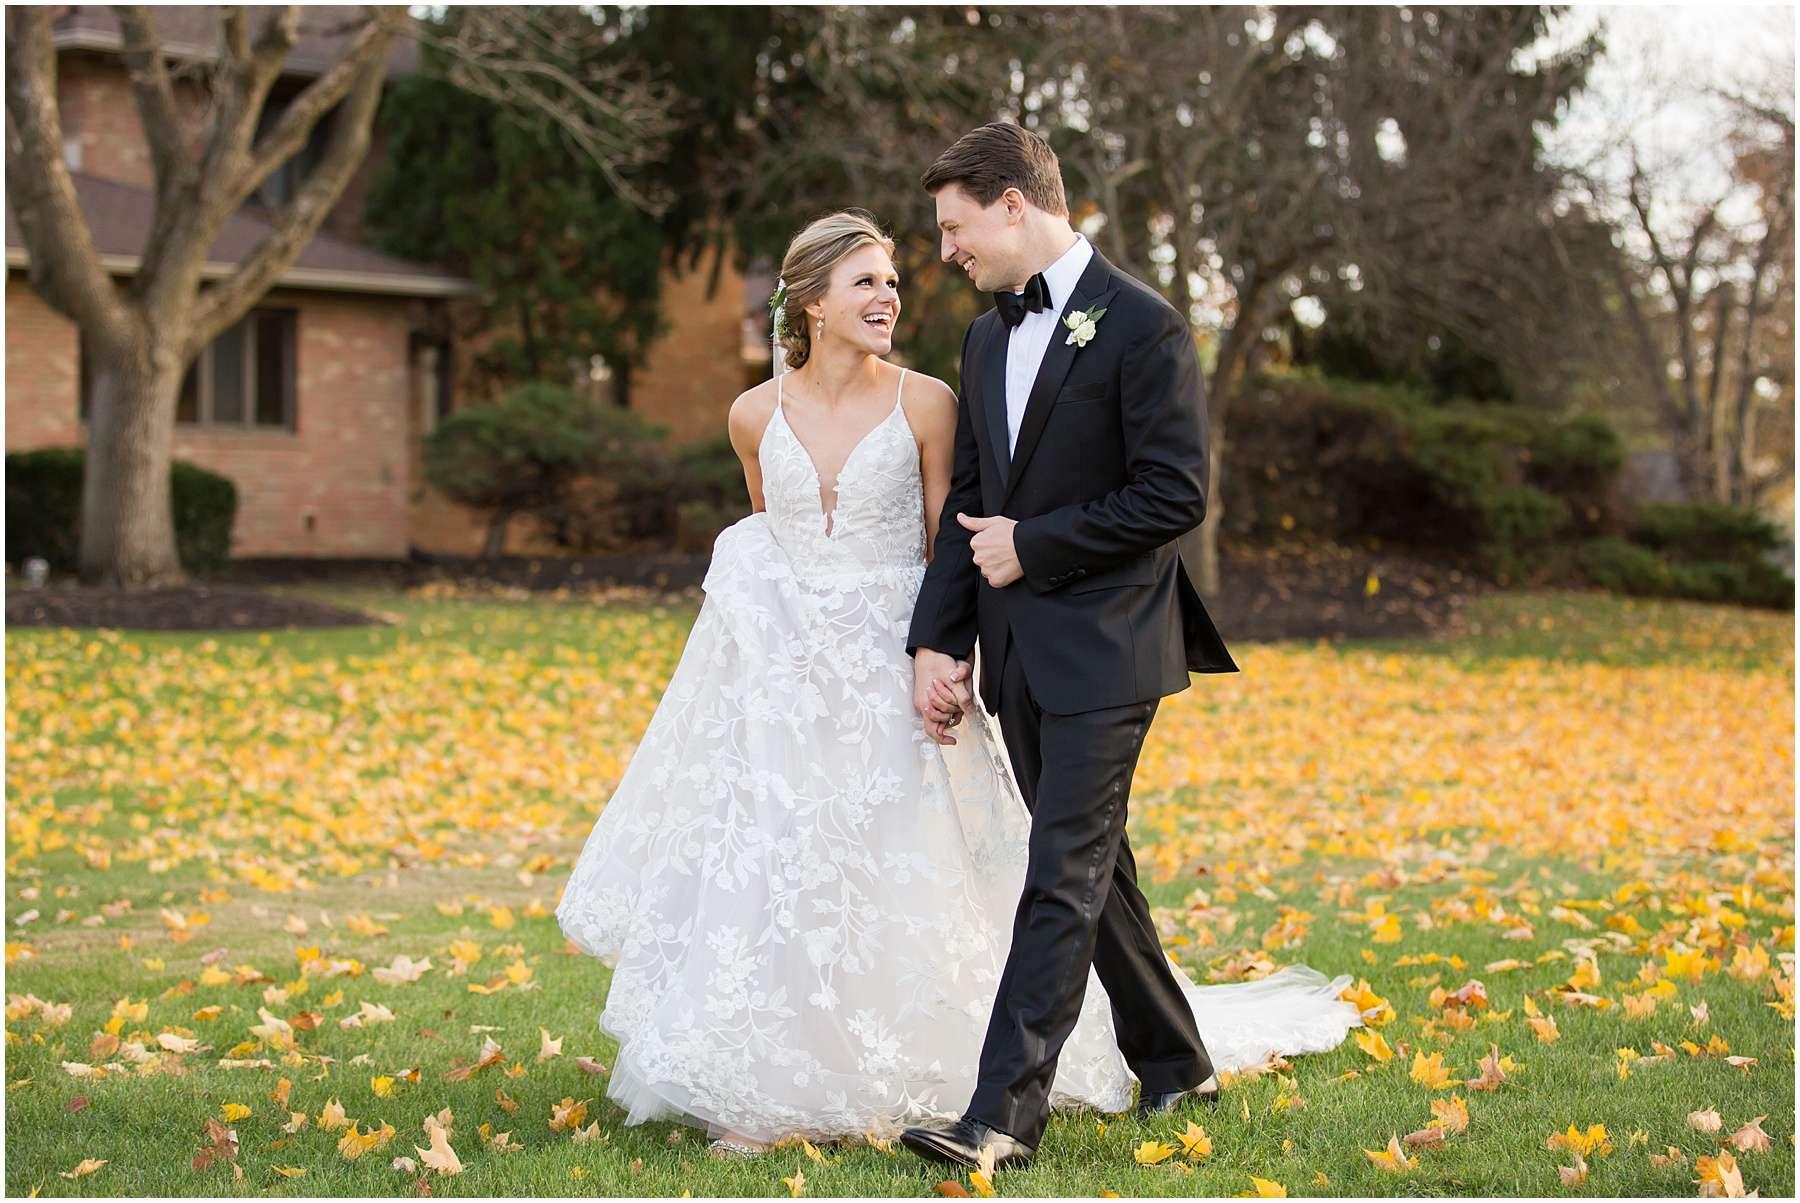 Wedding at the Ohio Statehouse | Columbus Ohio Weddings 142